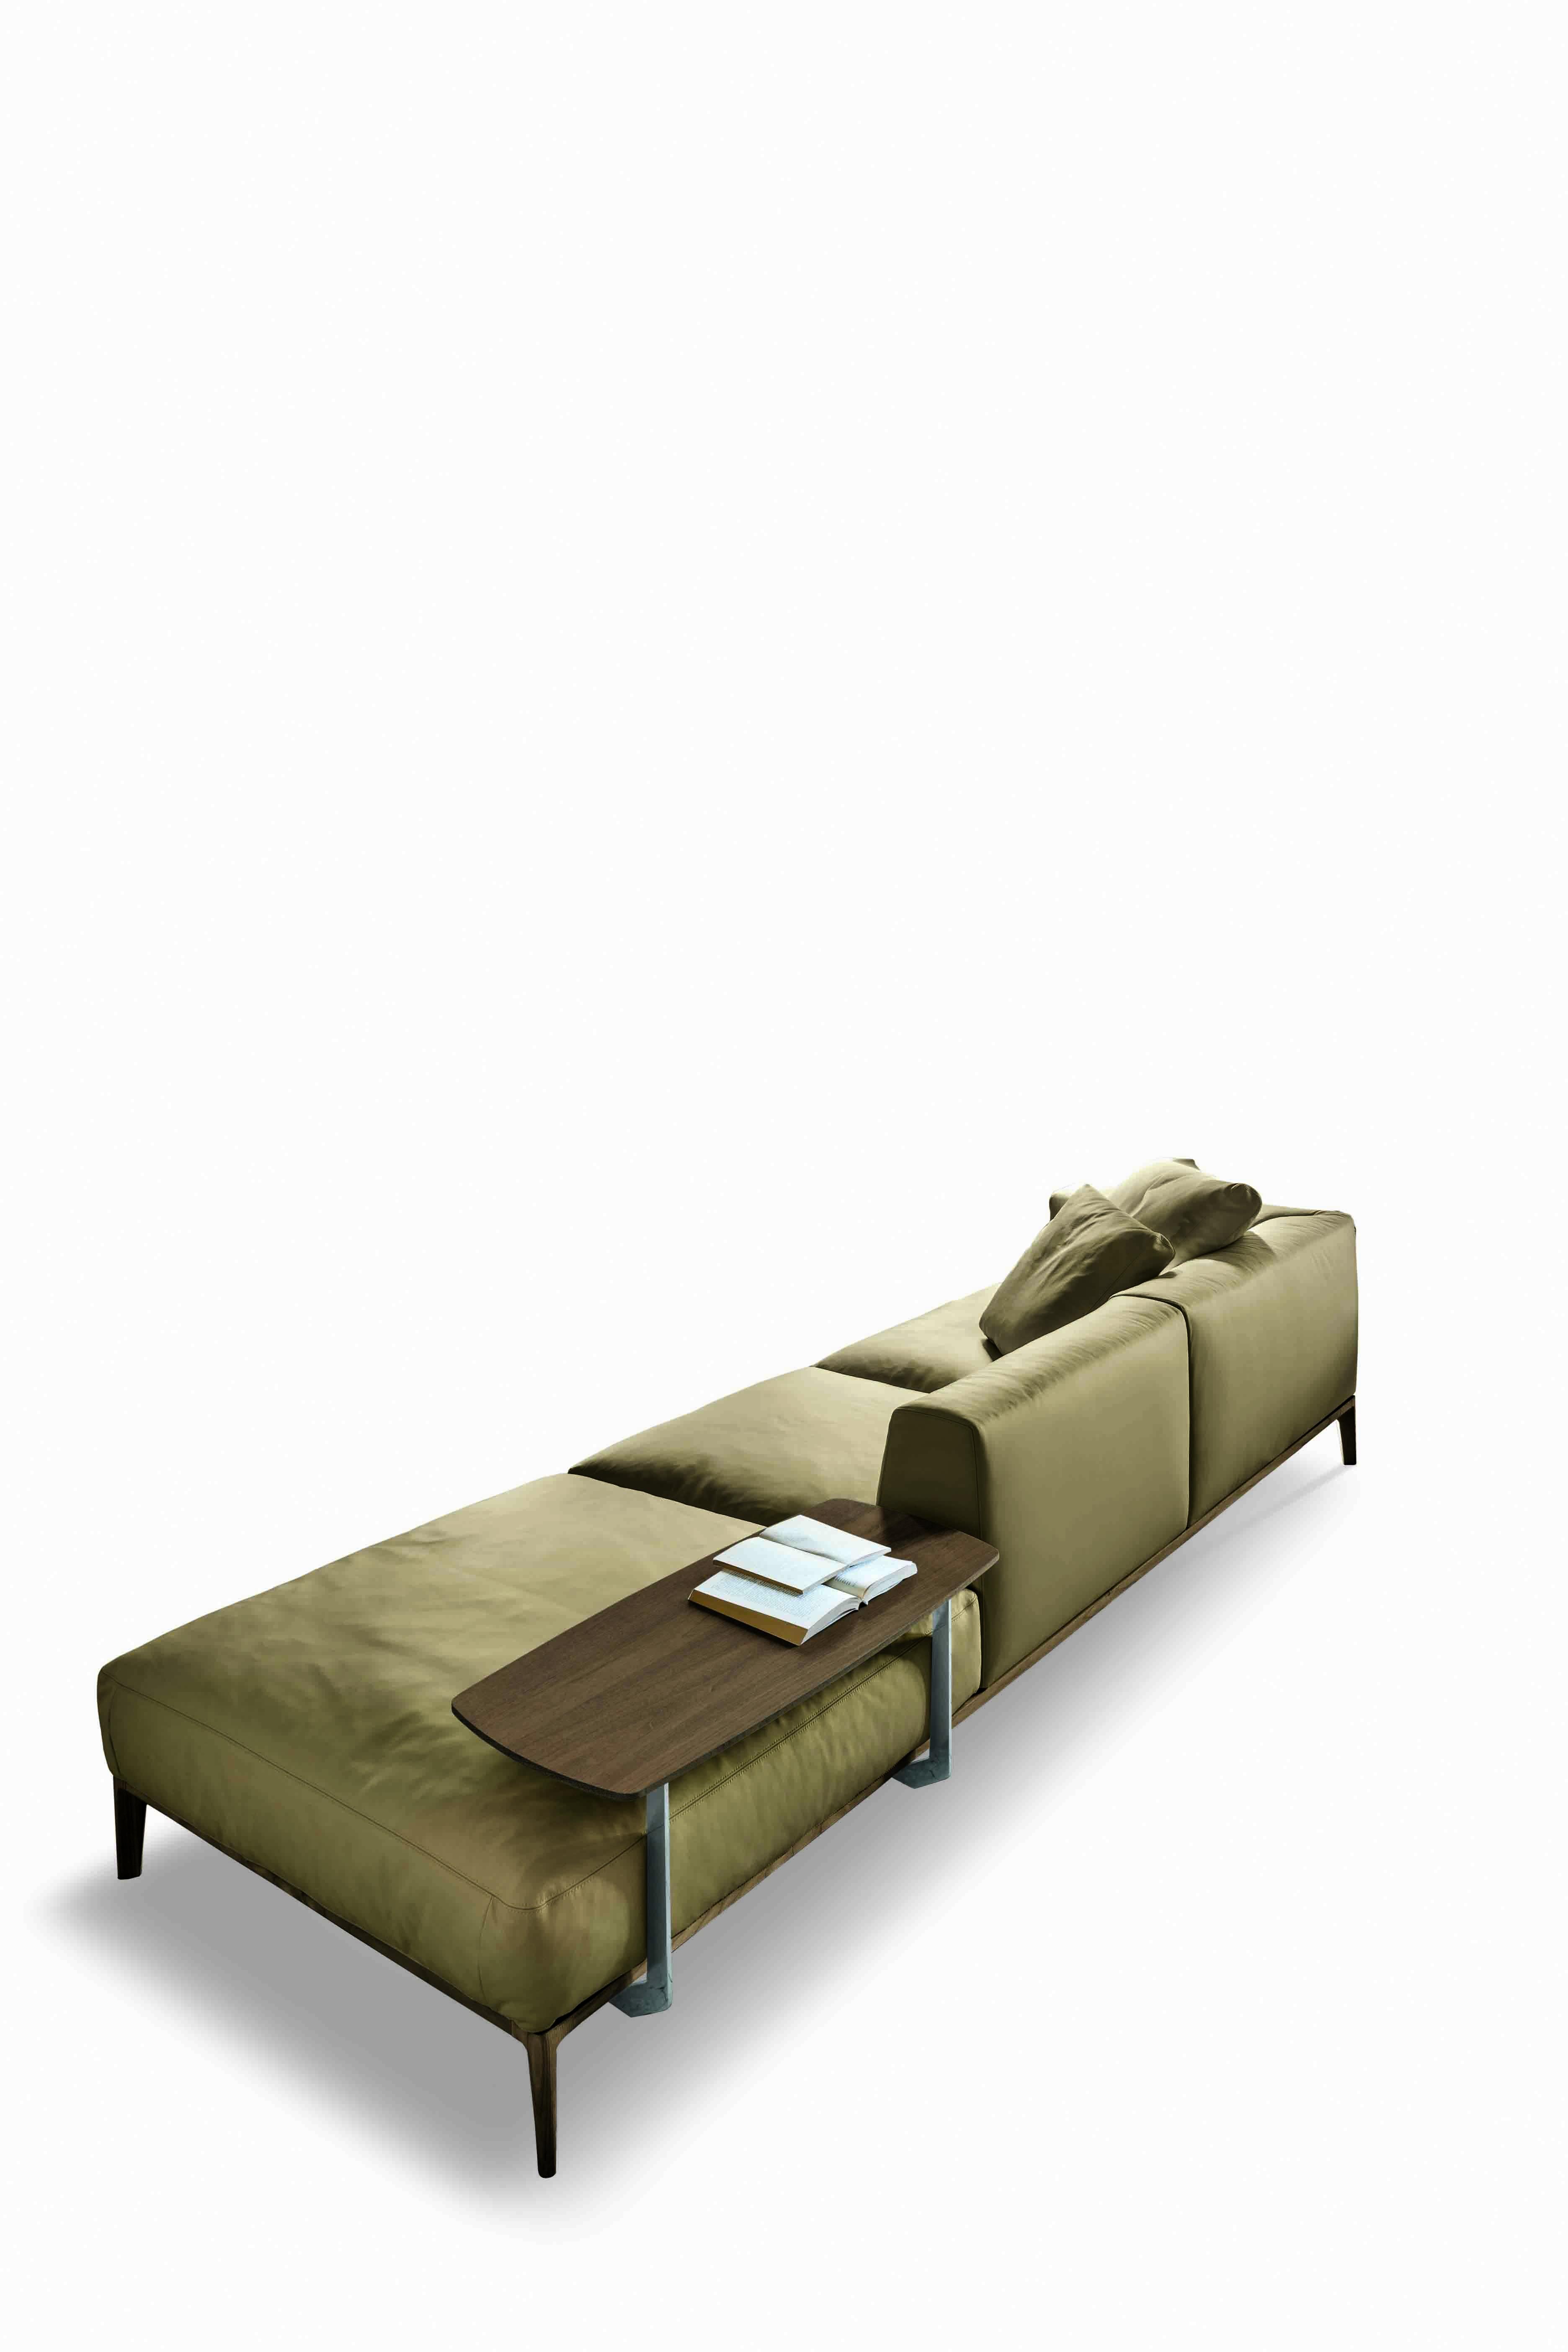 muebles de diseño - SWING_1